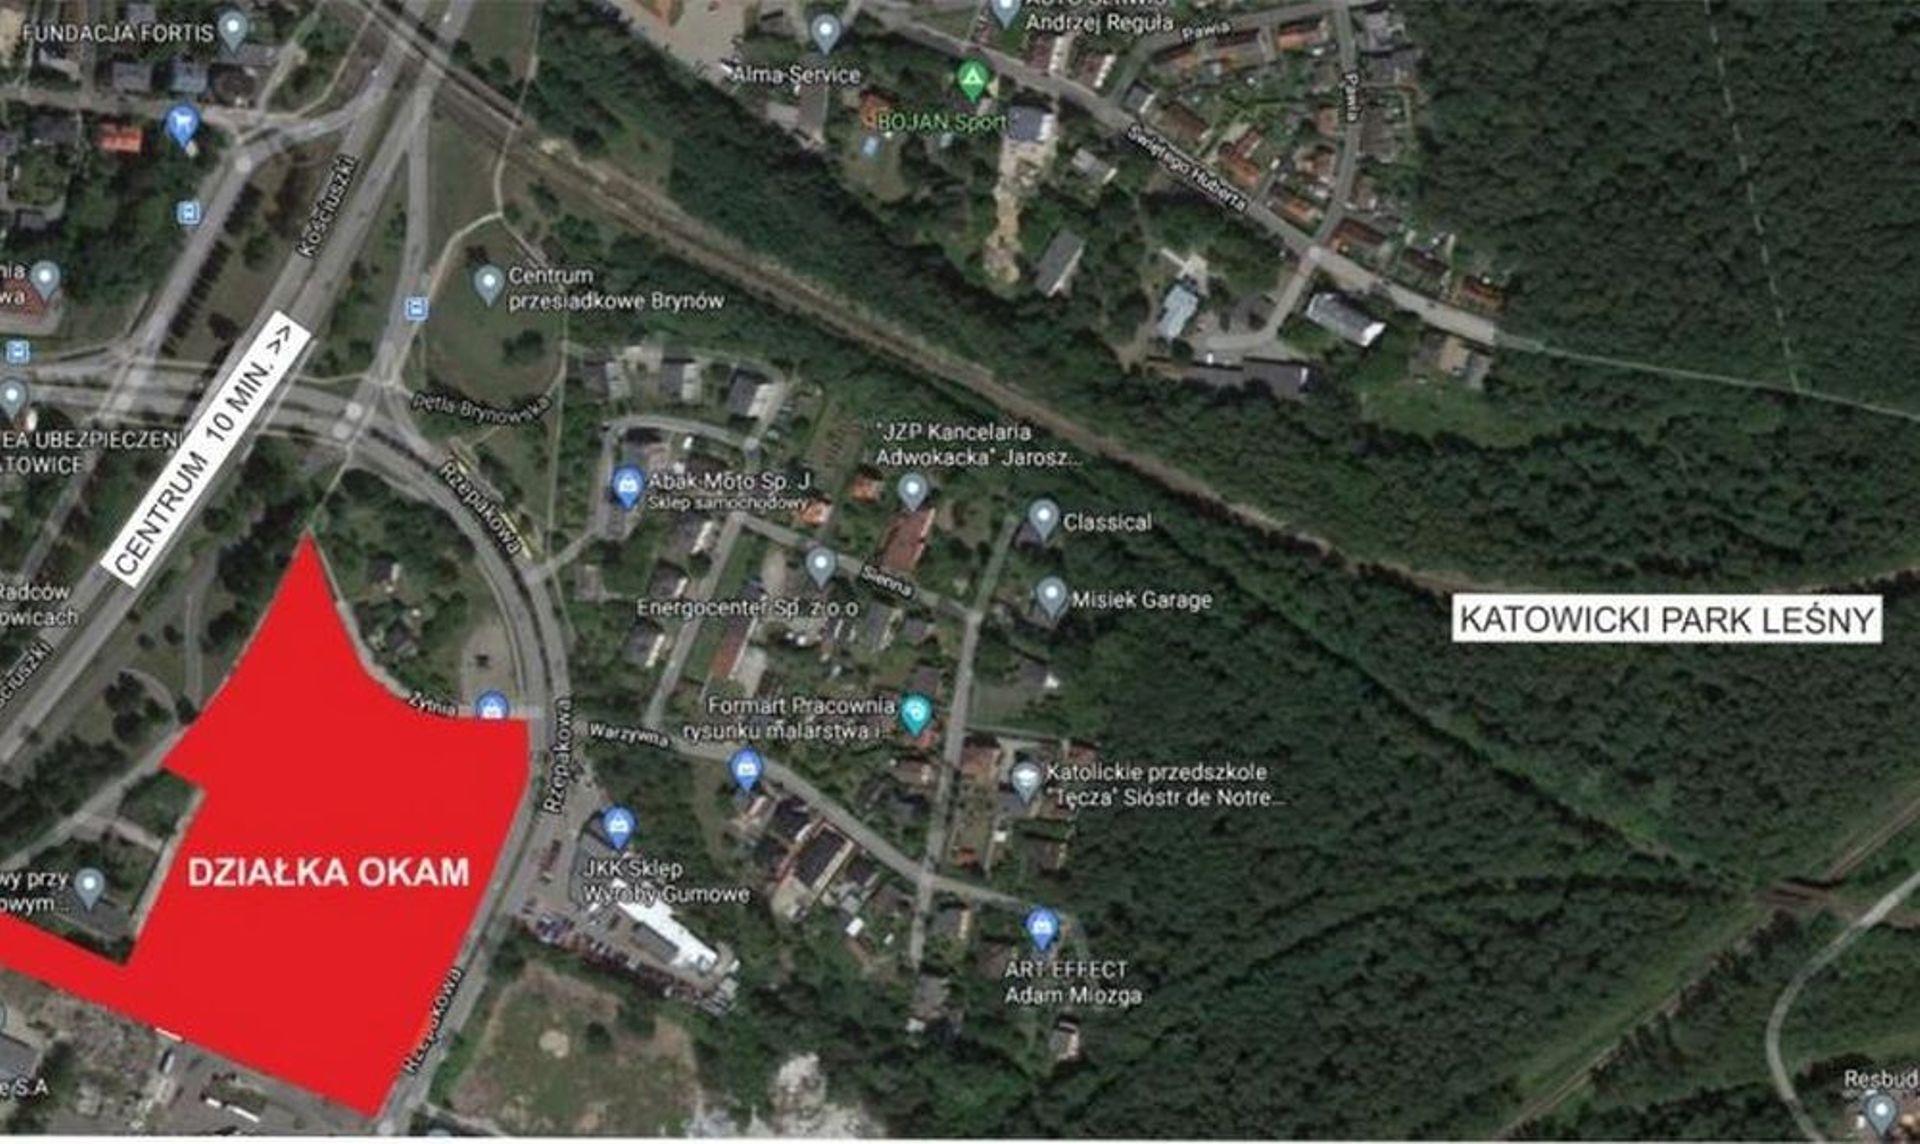 OKAM Capital kupił nową działkę w Katowicach. Powstanie na niej osiedle z 700 mieszkaniami